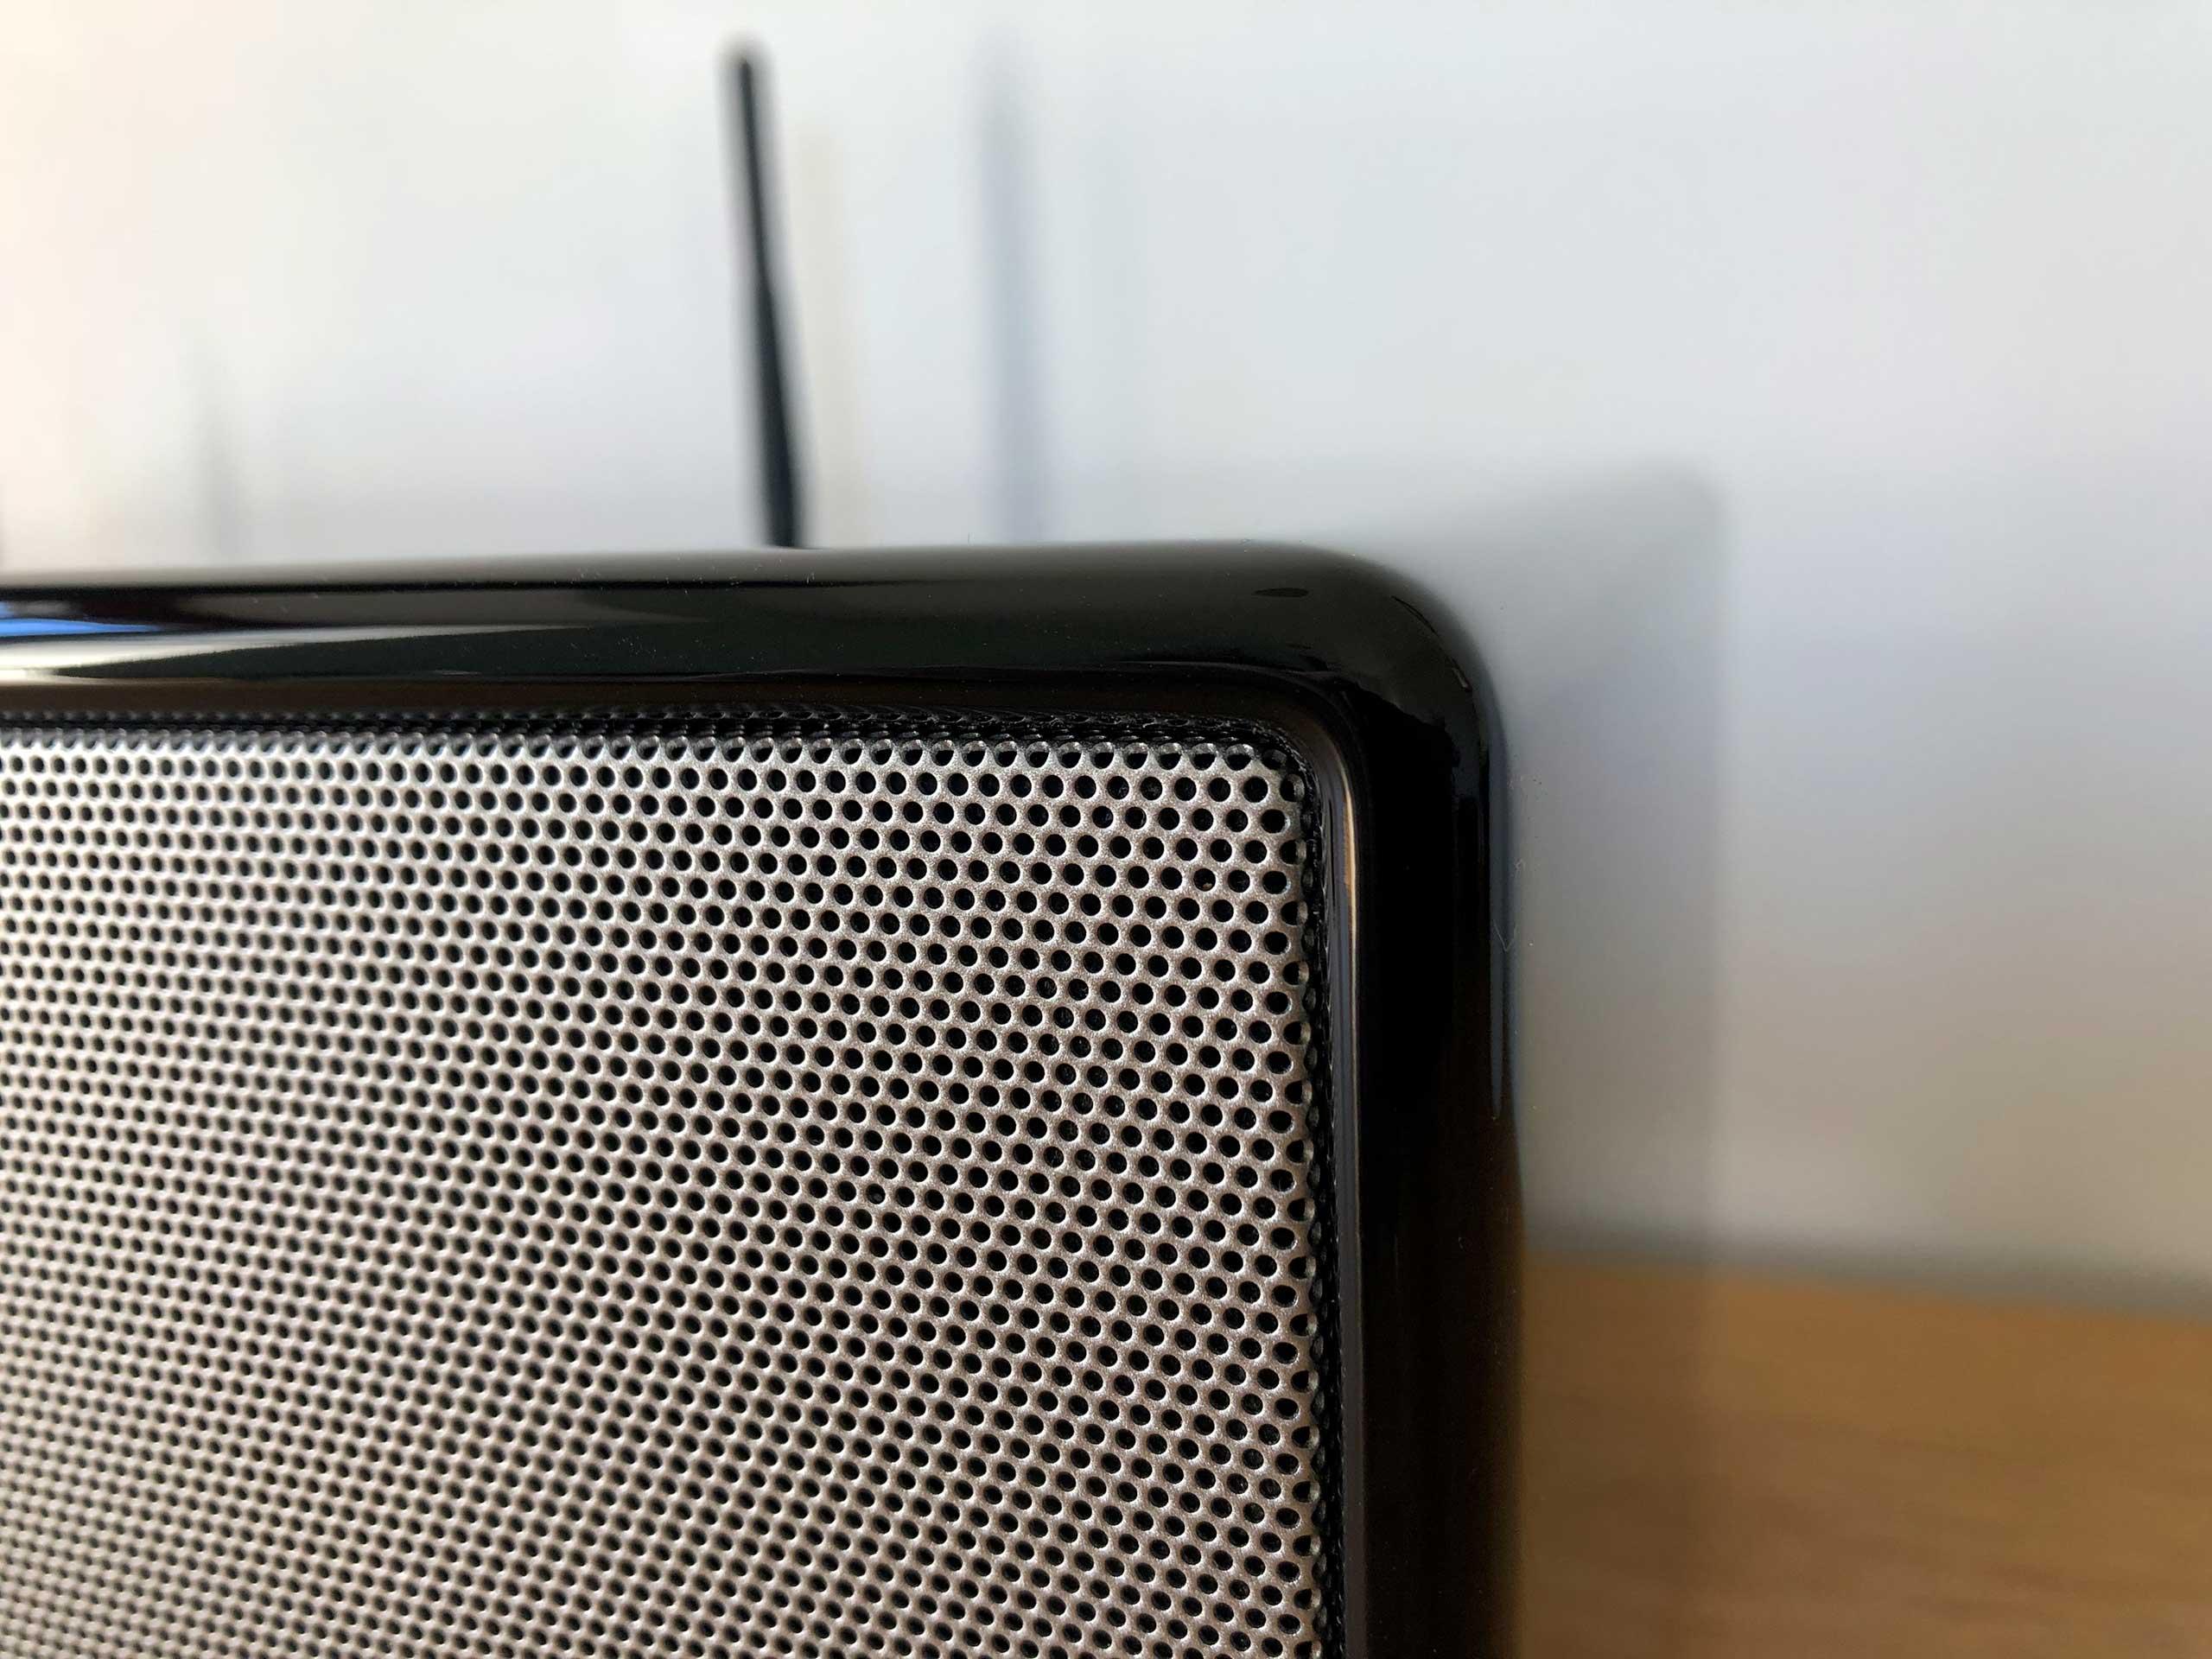 Finition laquée et grille des haut-parleurs de la chaine HiFi connectée Sonoro PRESTIGE